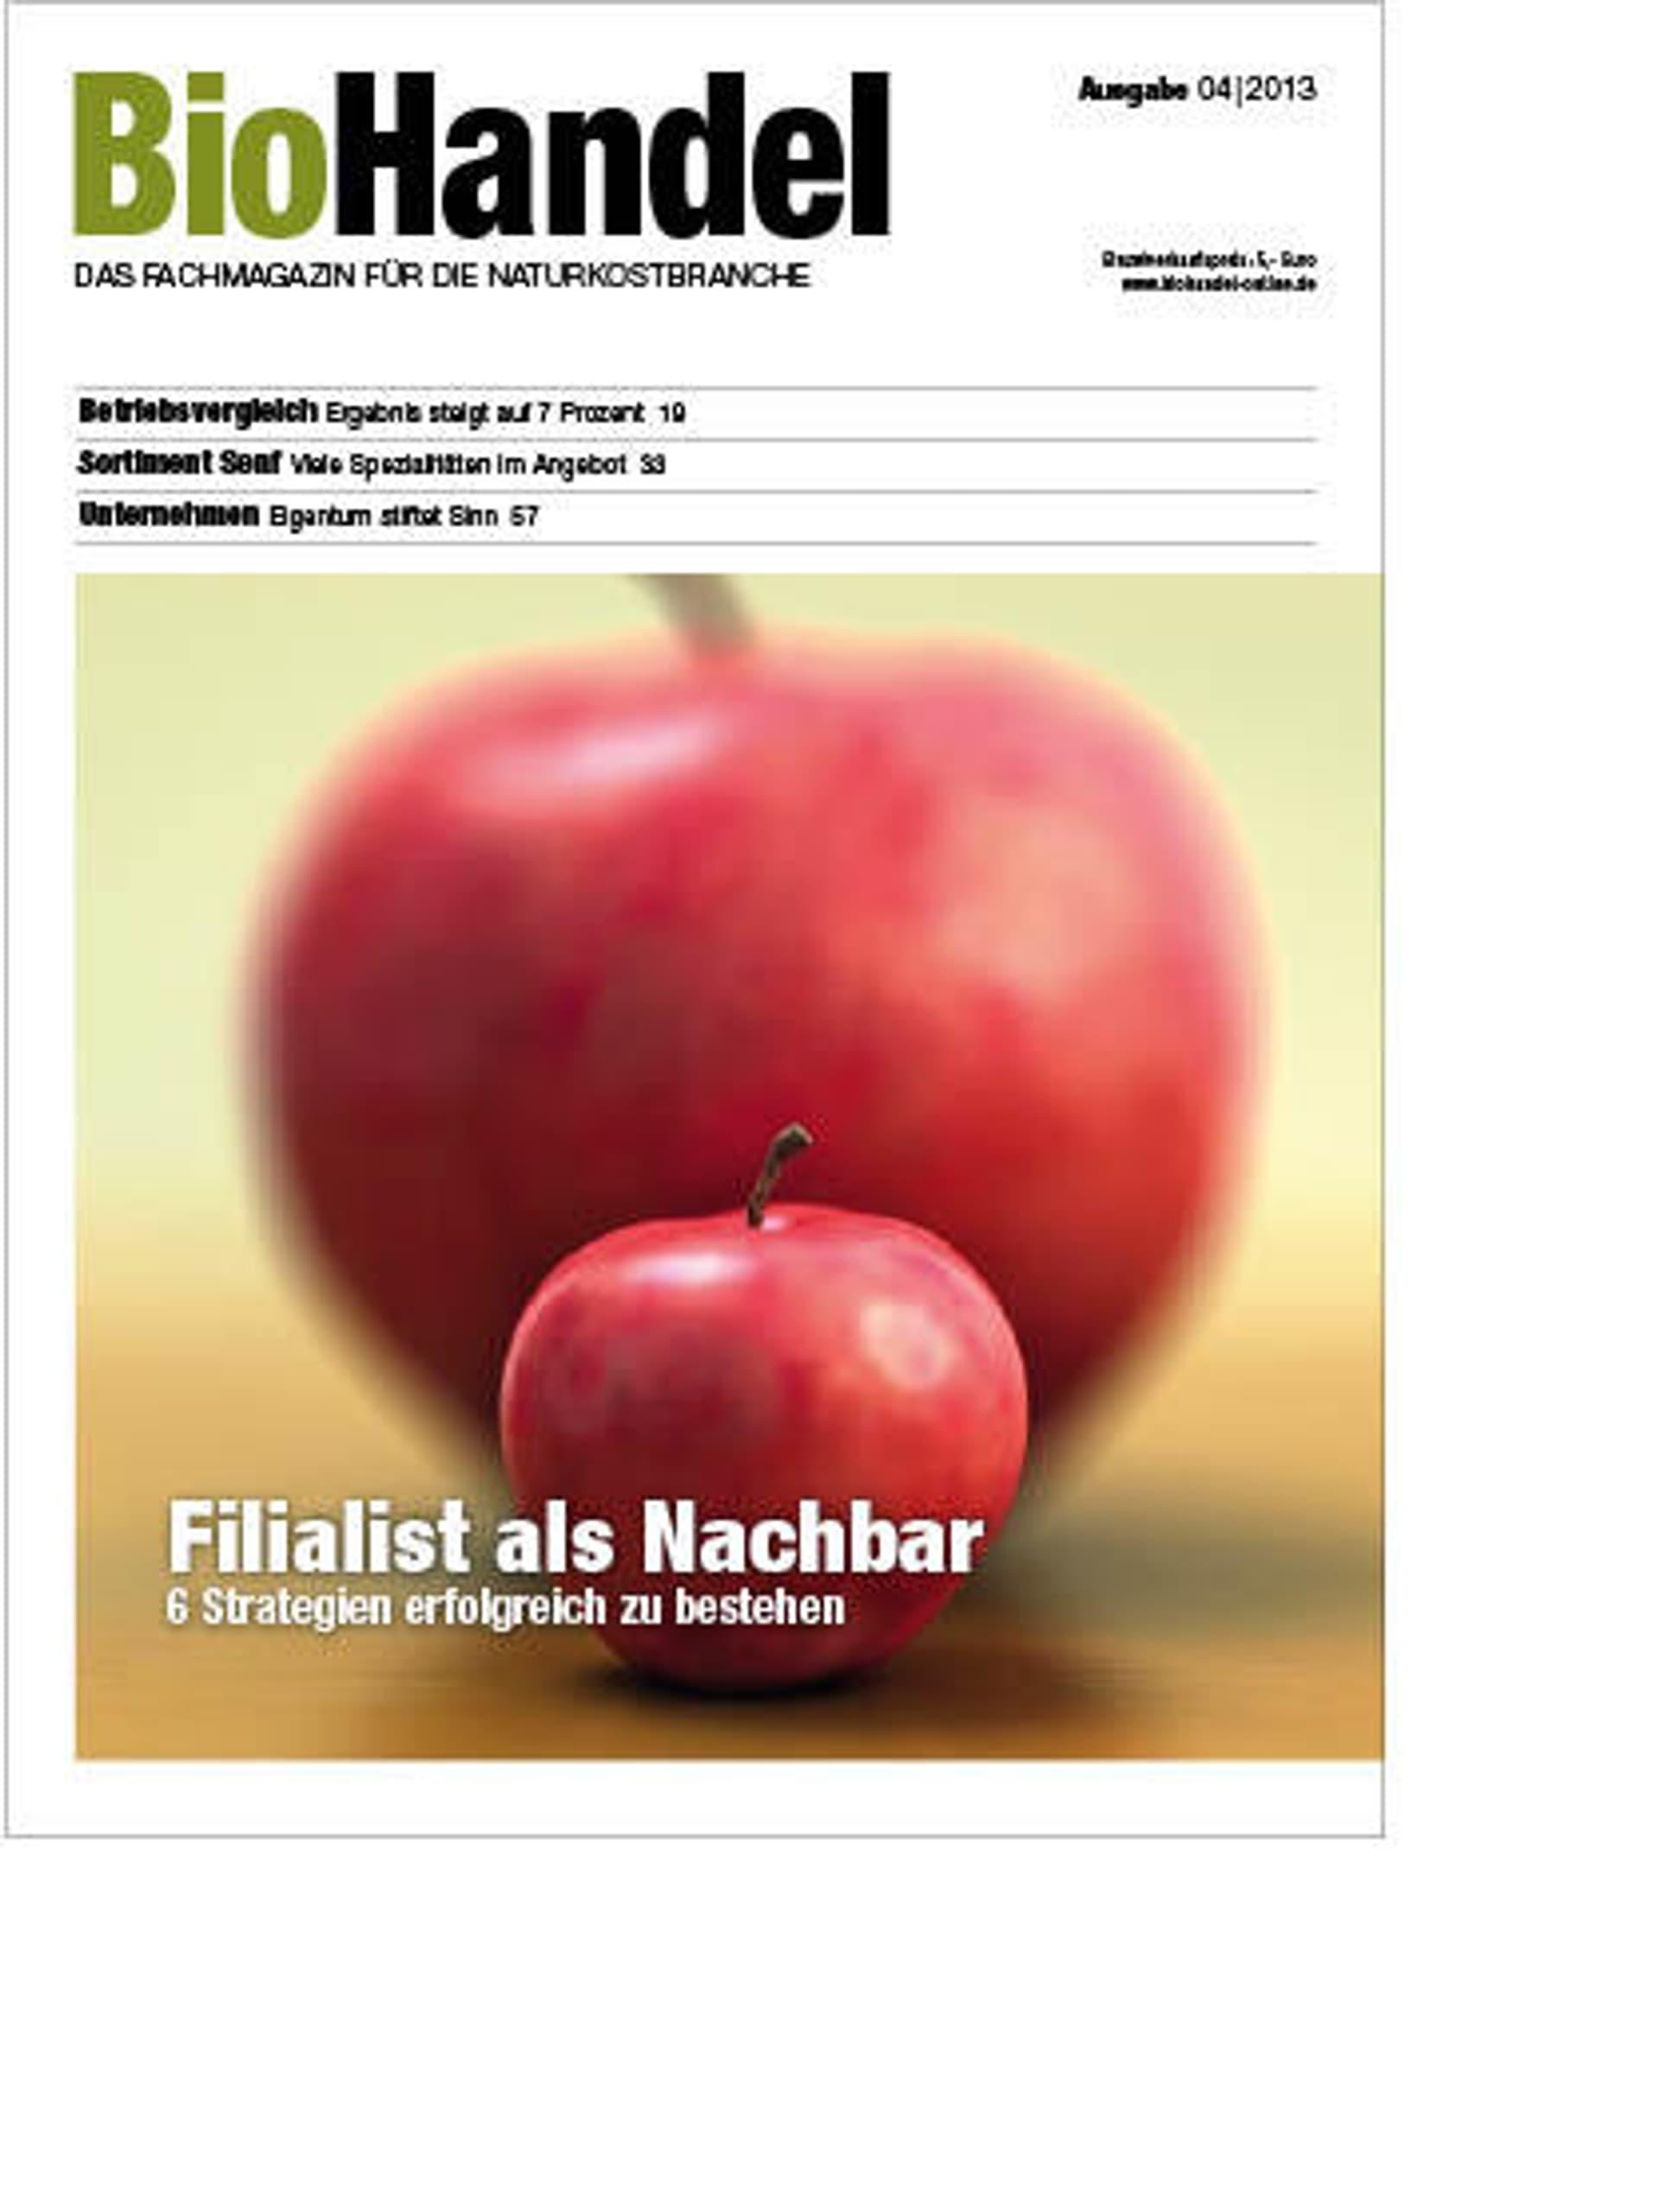 BioHandel April 2013